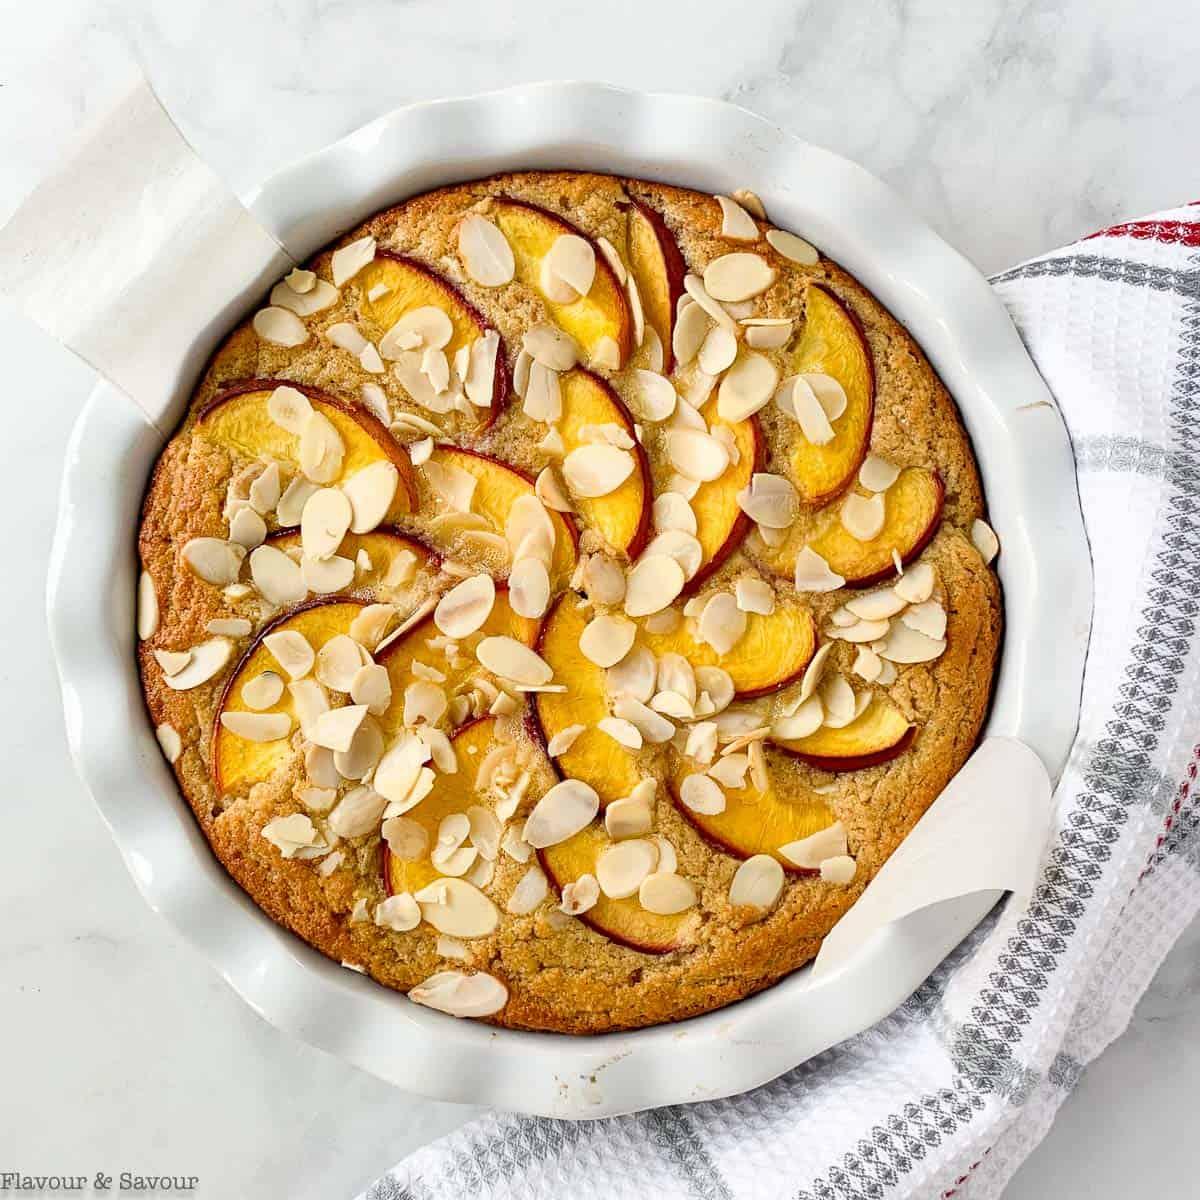 Baked Nectarine Ricotta Cake